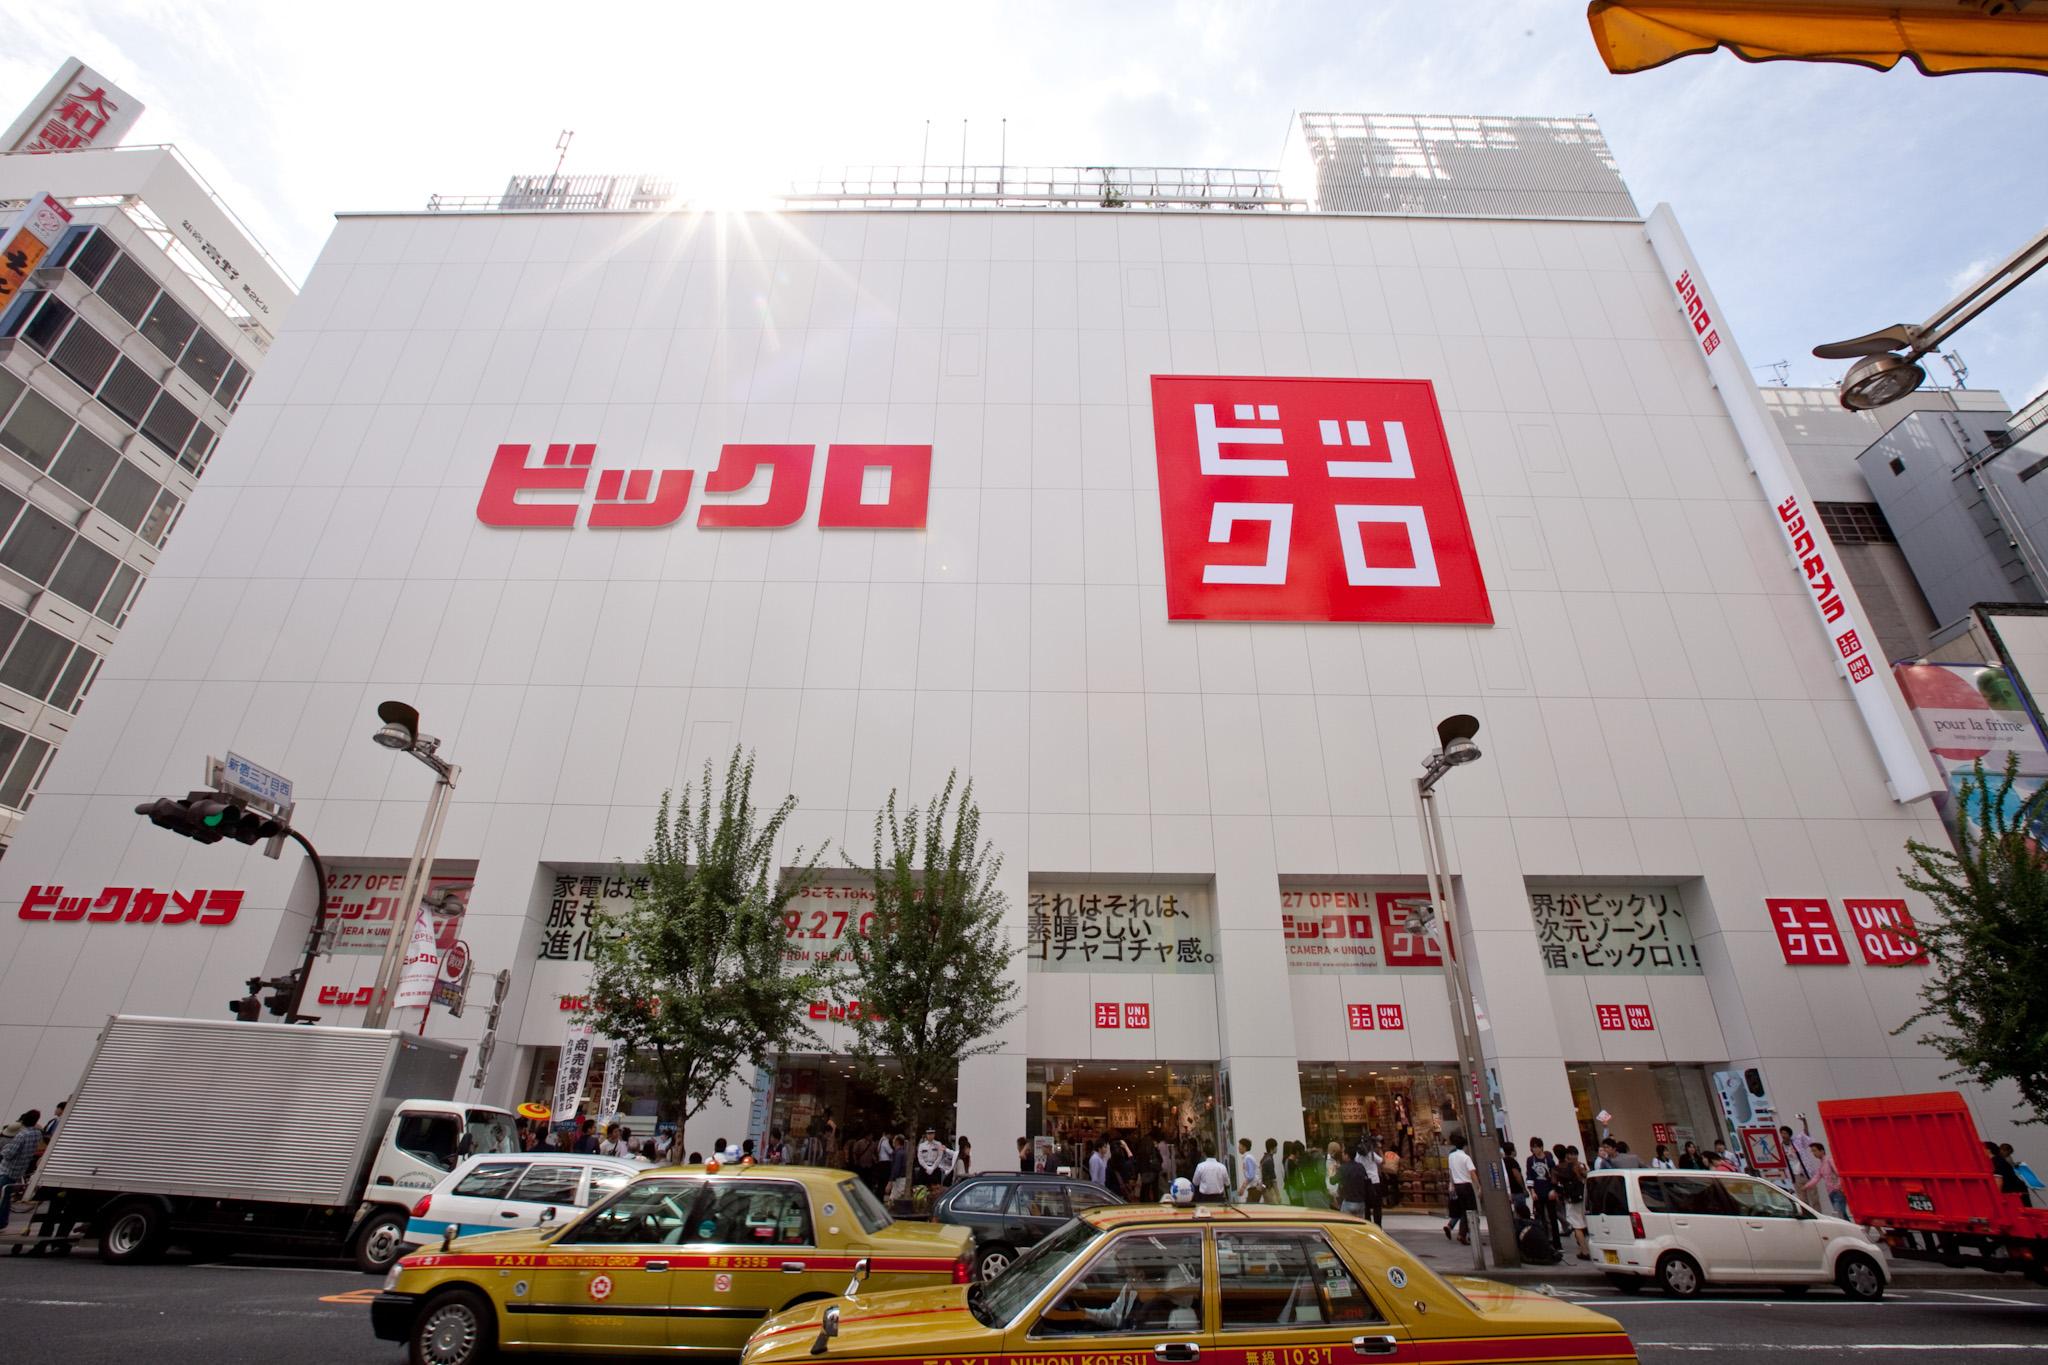 『ビックロ新宿東口店』にアルバイトとして潜入